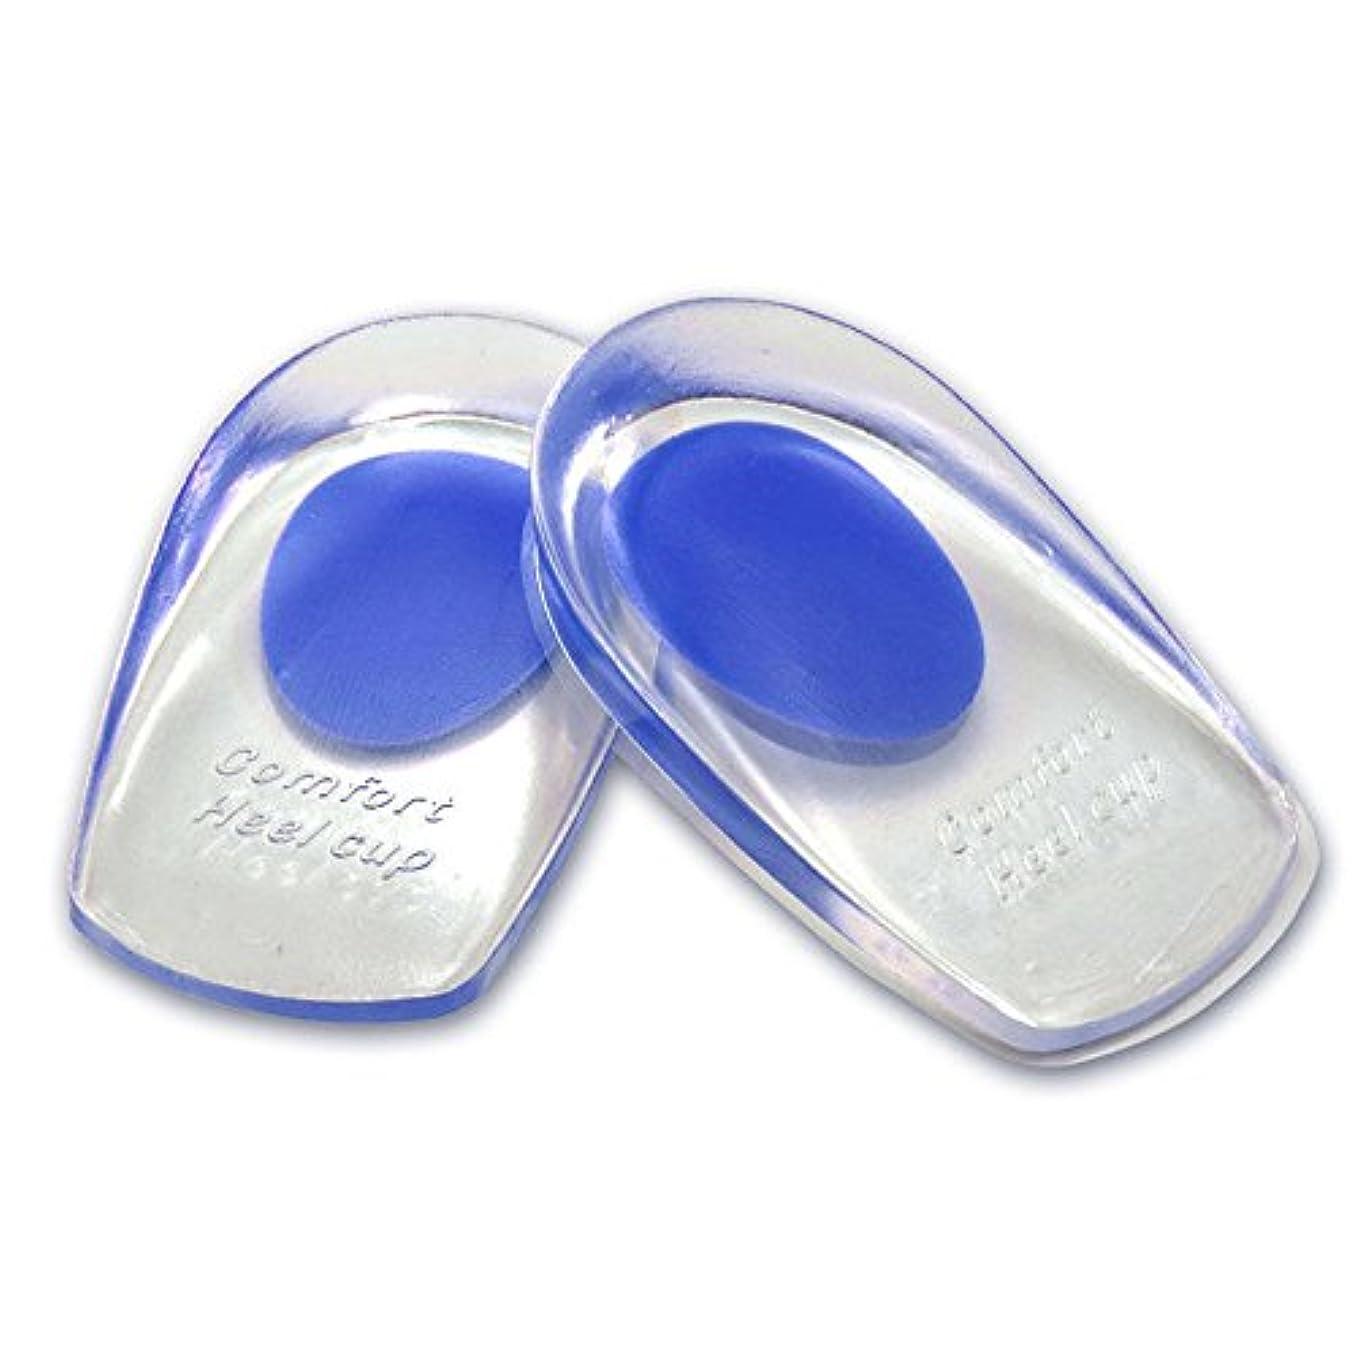 金銭的映画電圧シリコンヒールカップ かかとの痛み防止に ソフトシリコン製 インソールクッション 衝撃緩和 立体形状 フィット感抜群 FMTMXCA2S (ブルー(靴サイズ24.5~27.5cm用))